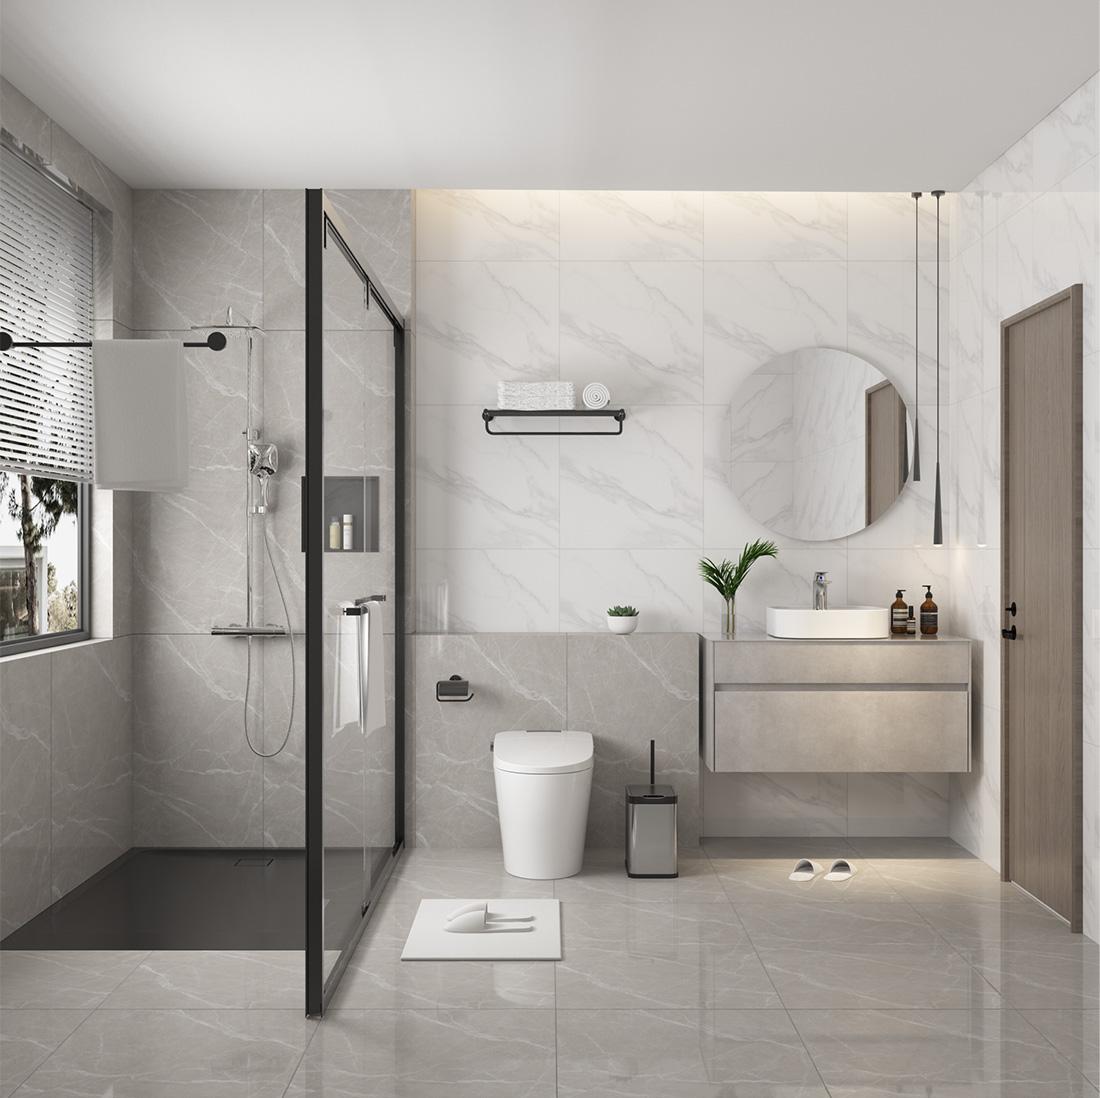 3.78㎡/#G1427221-V4 简约北欧风,浴室柜的颜值太高了